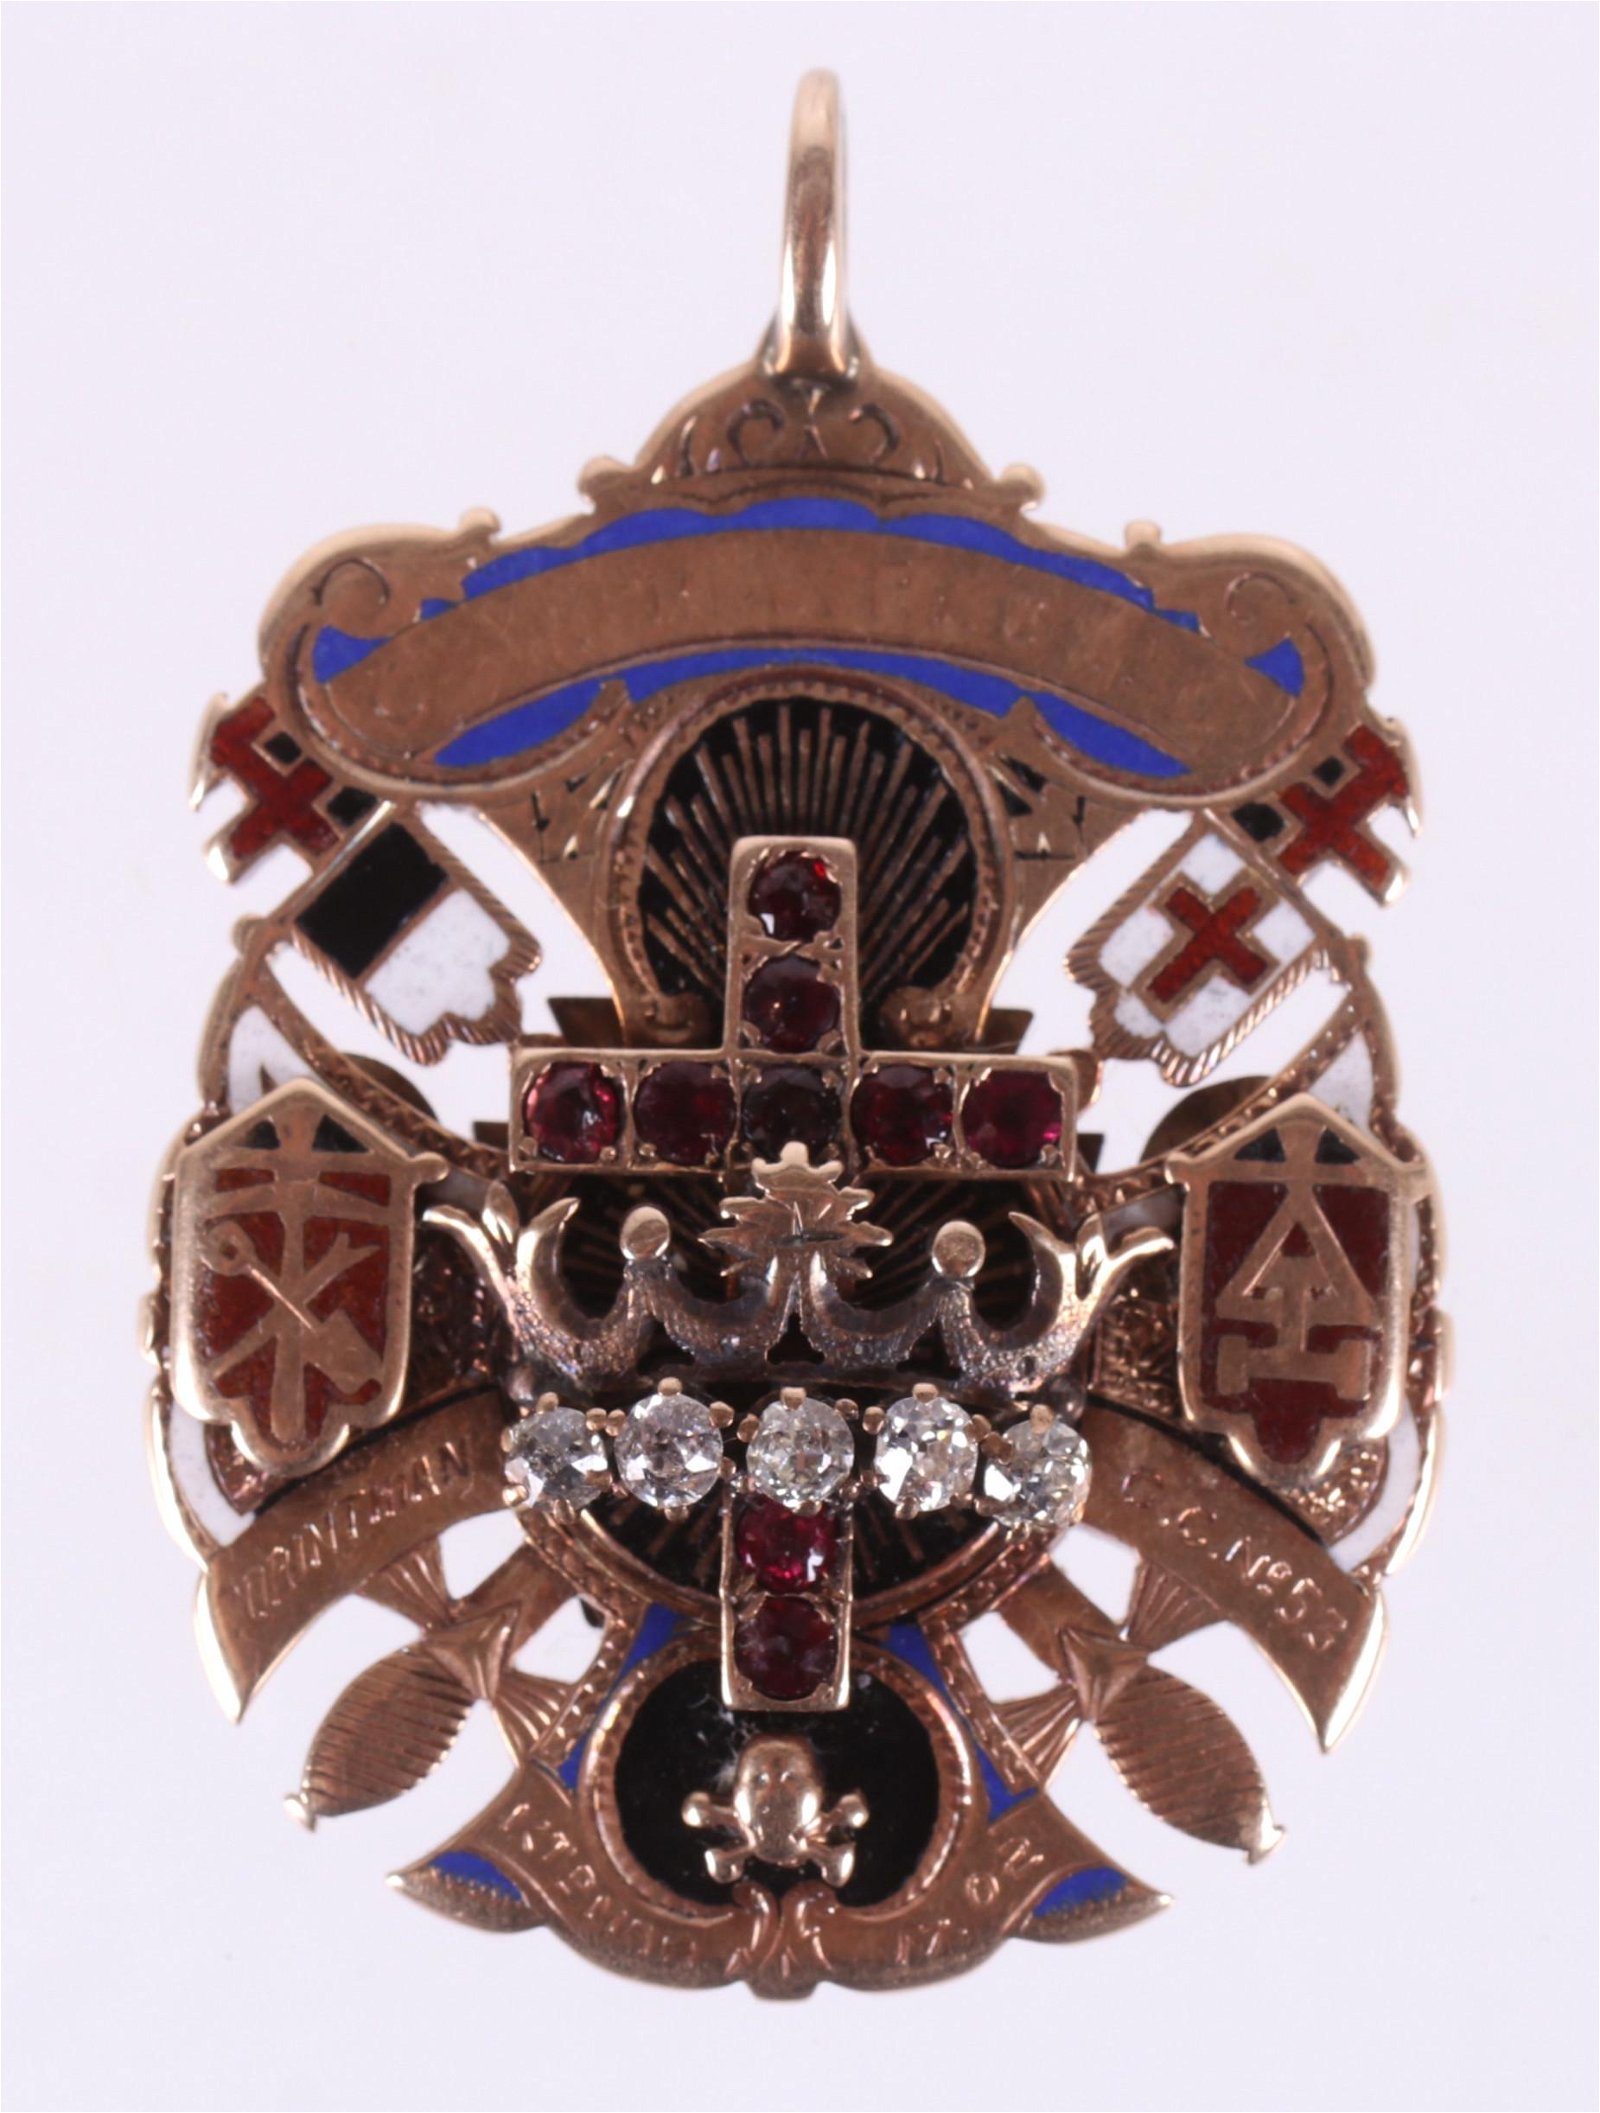 A 14k Gold Masonic Pendant